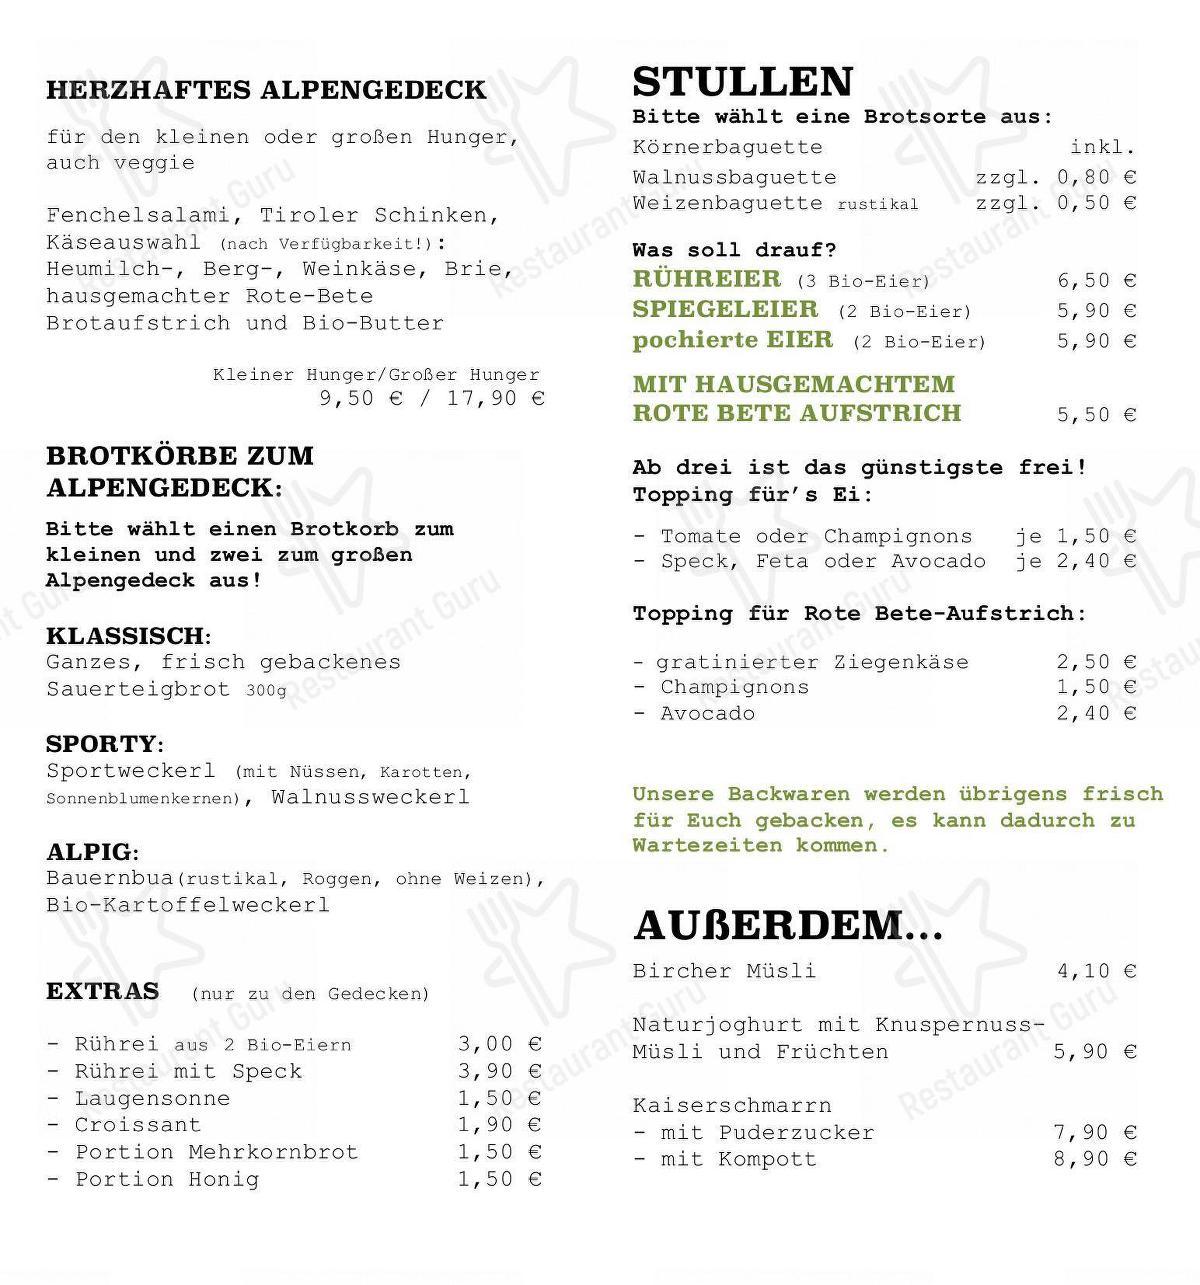 Alpenkantine Speisekarte